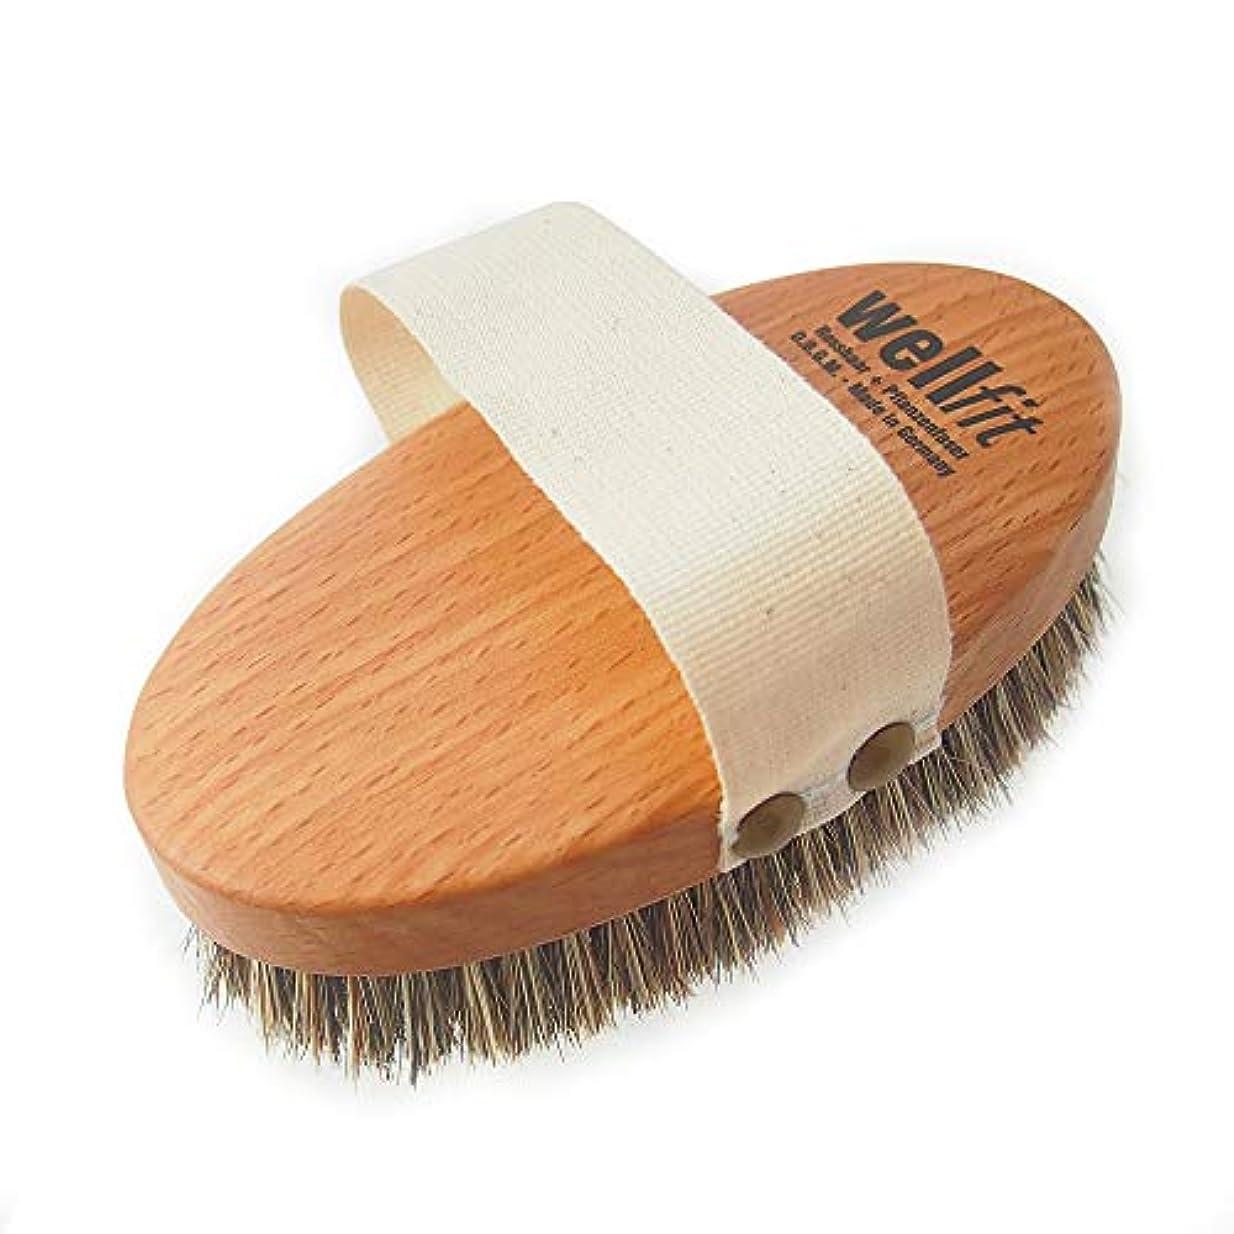 ヤギボクシング前投薬レデッカー Redecker マッサージブラシ(ミディアムハード 馬毛と植物毛の混毛植毛) 正規品